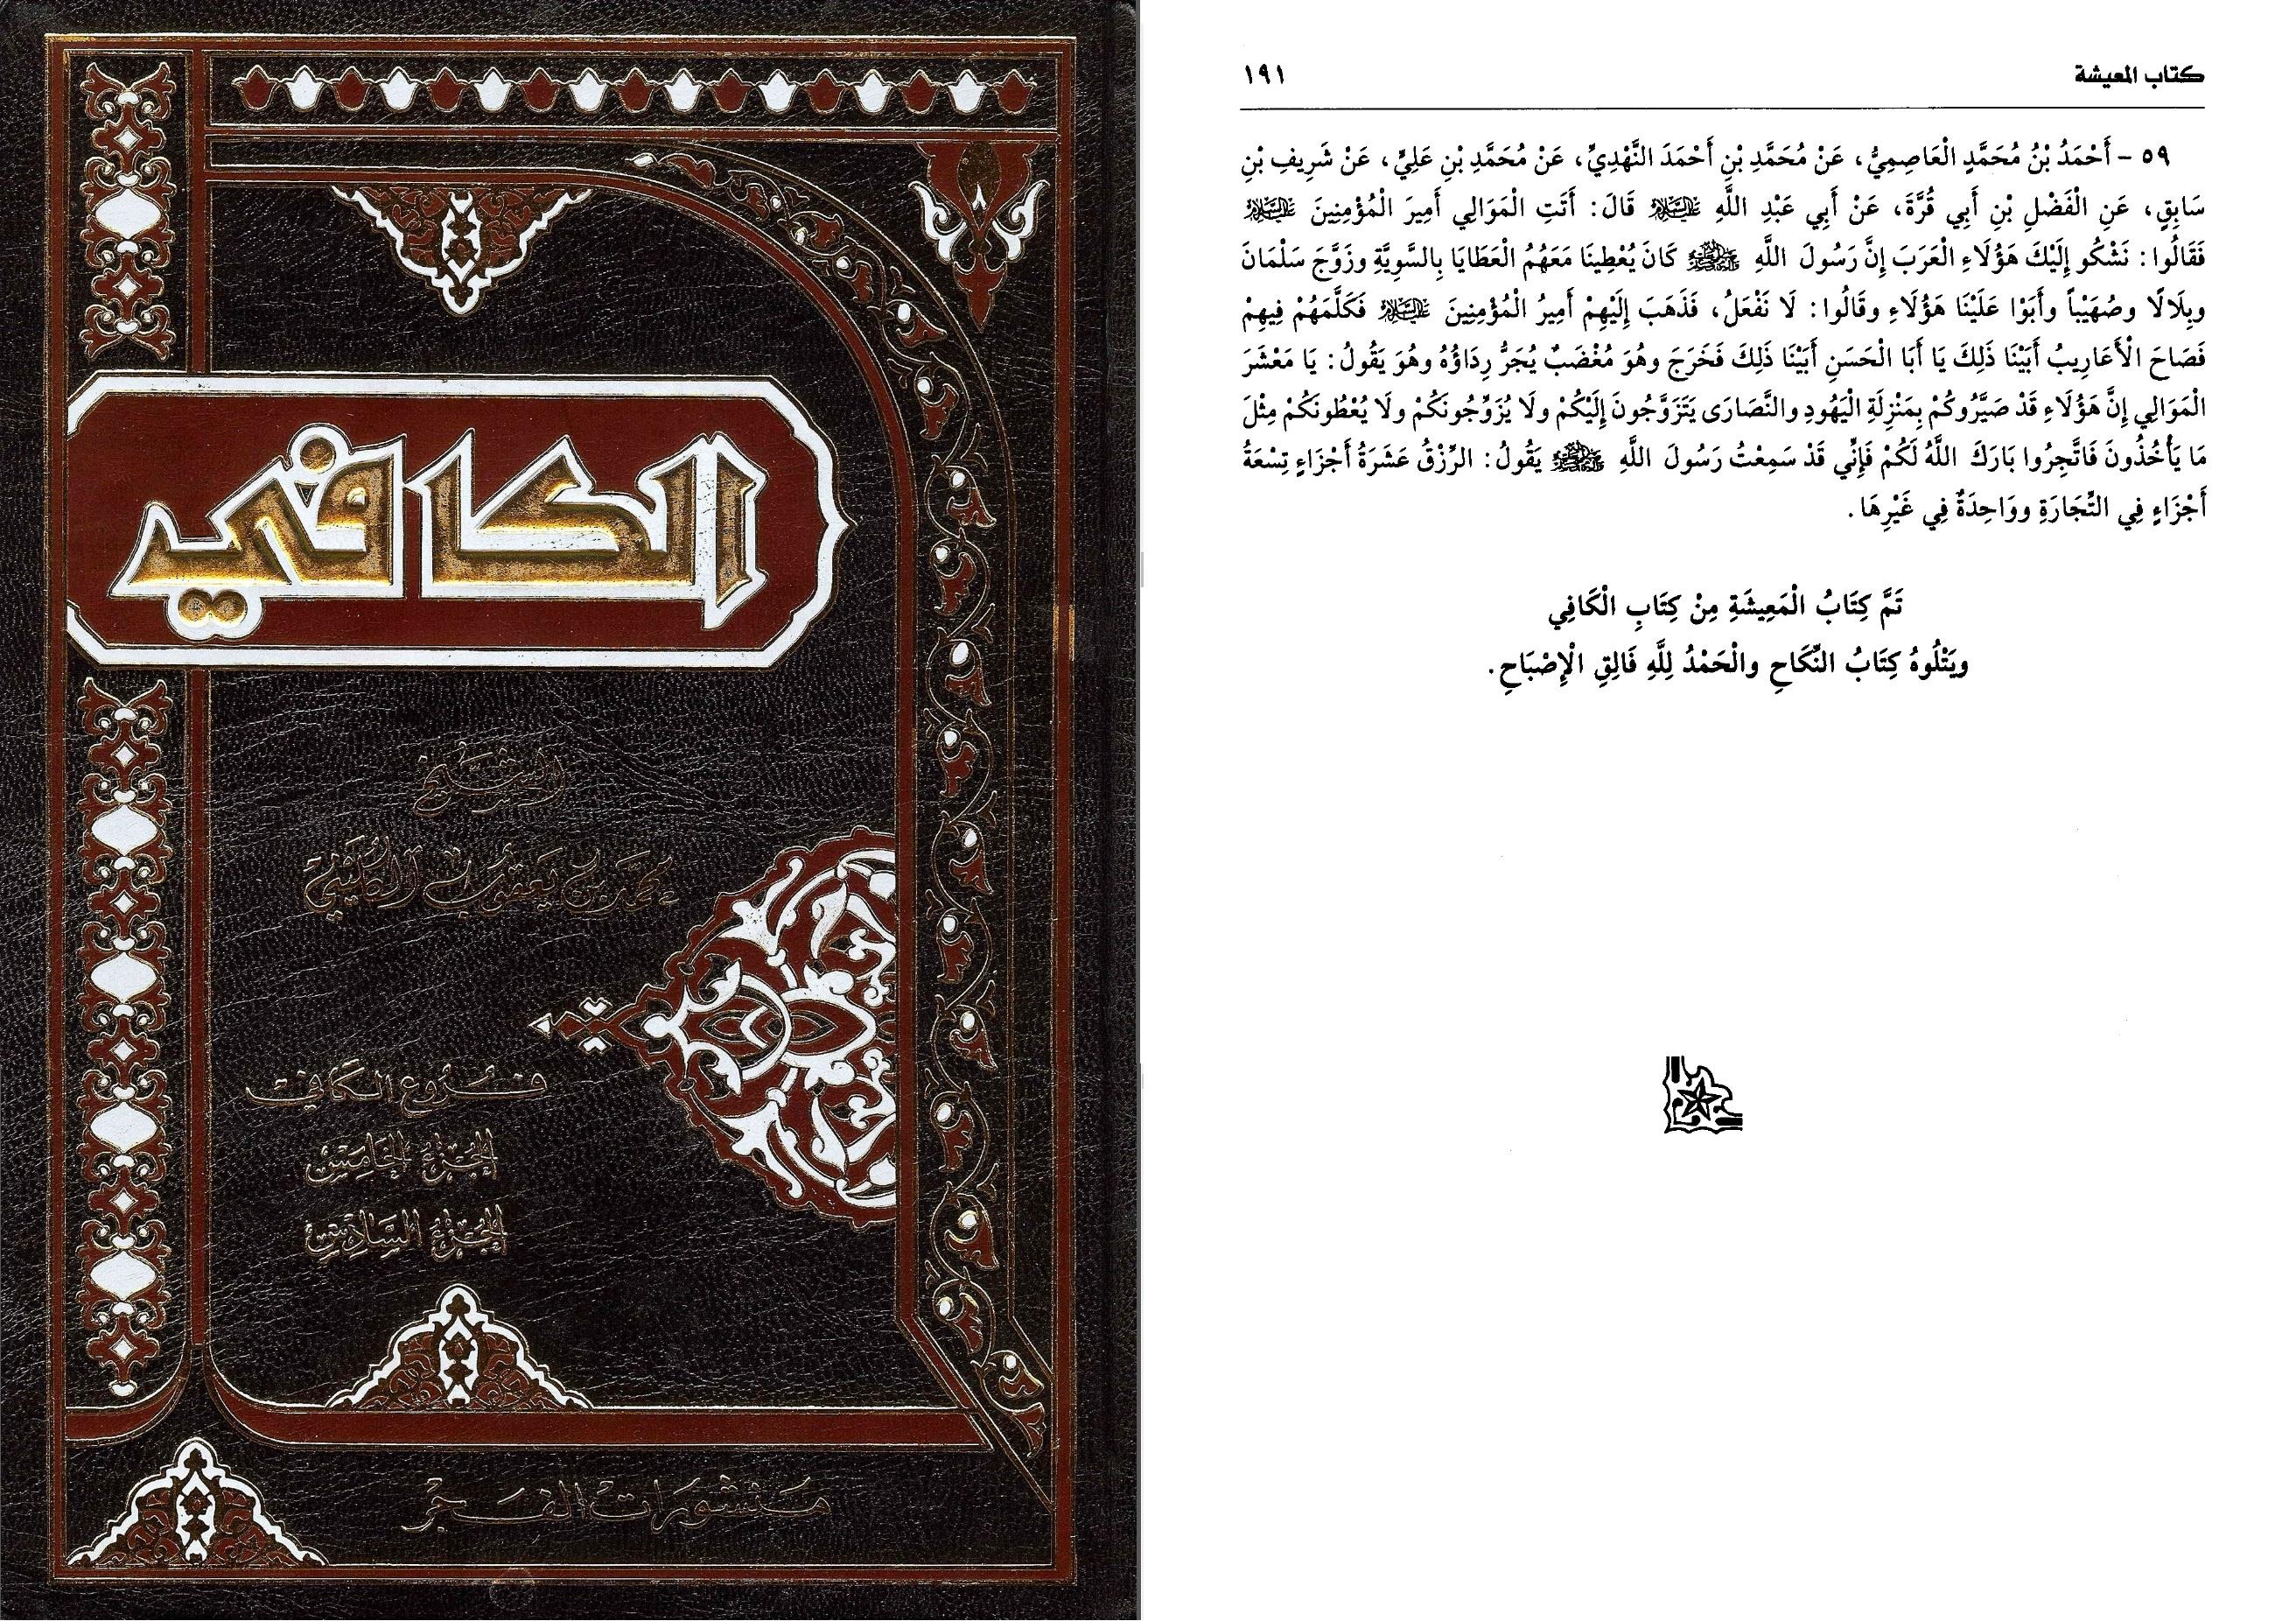 al-kafi b 5 s 191 h 59